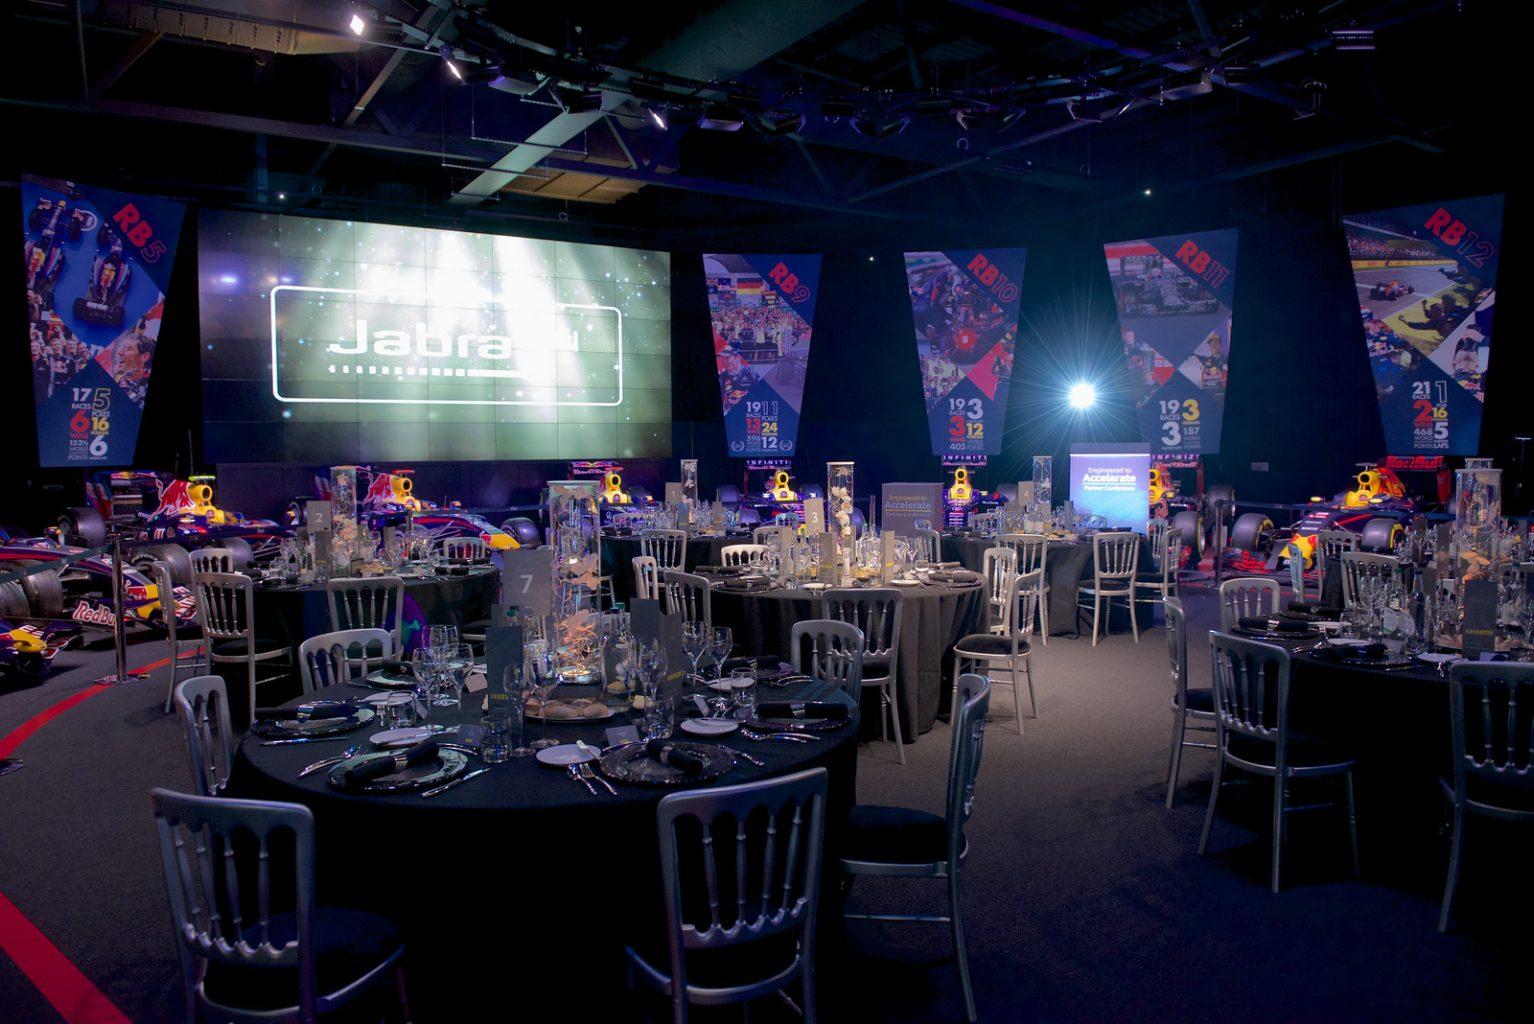 i jZFPzf8 X3 - UK&I Channel Partner Conference & Awards Dinner